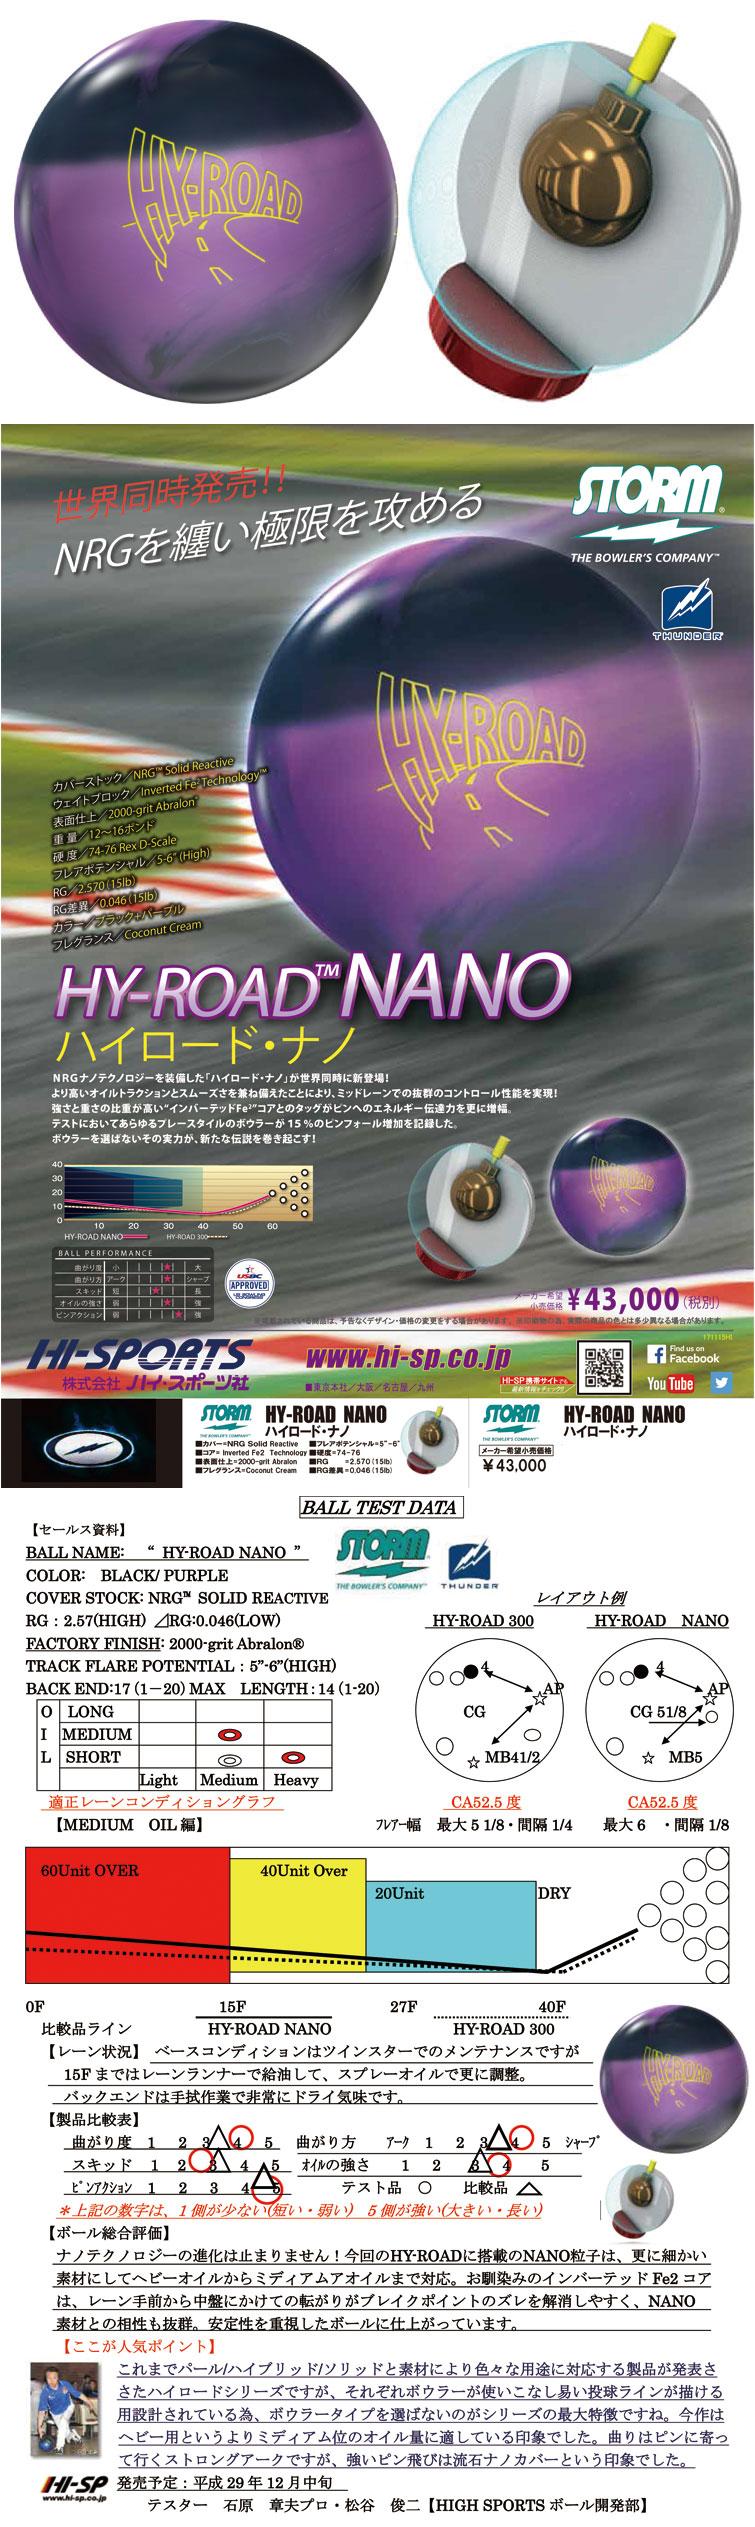 ボウリング用品 ボウリングボール ストーム STORM ハイロードナノ HYROAD NANO